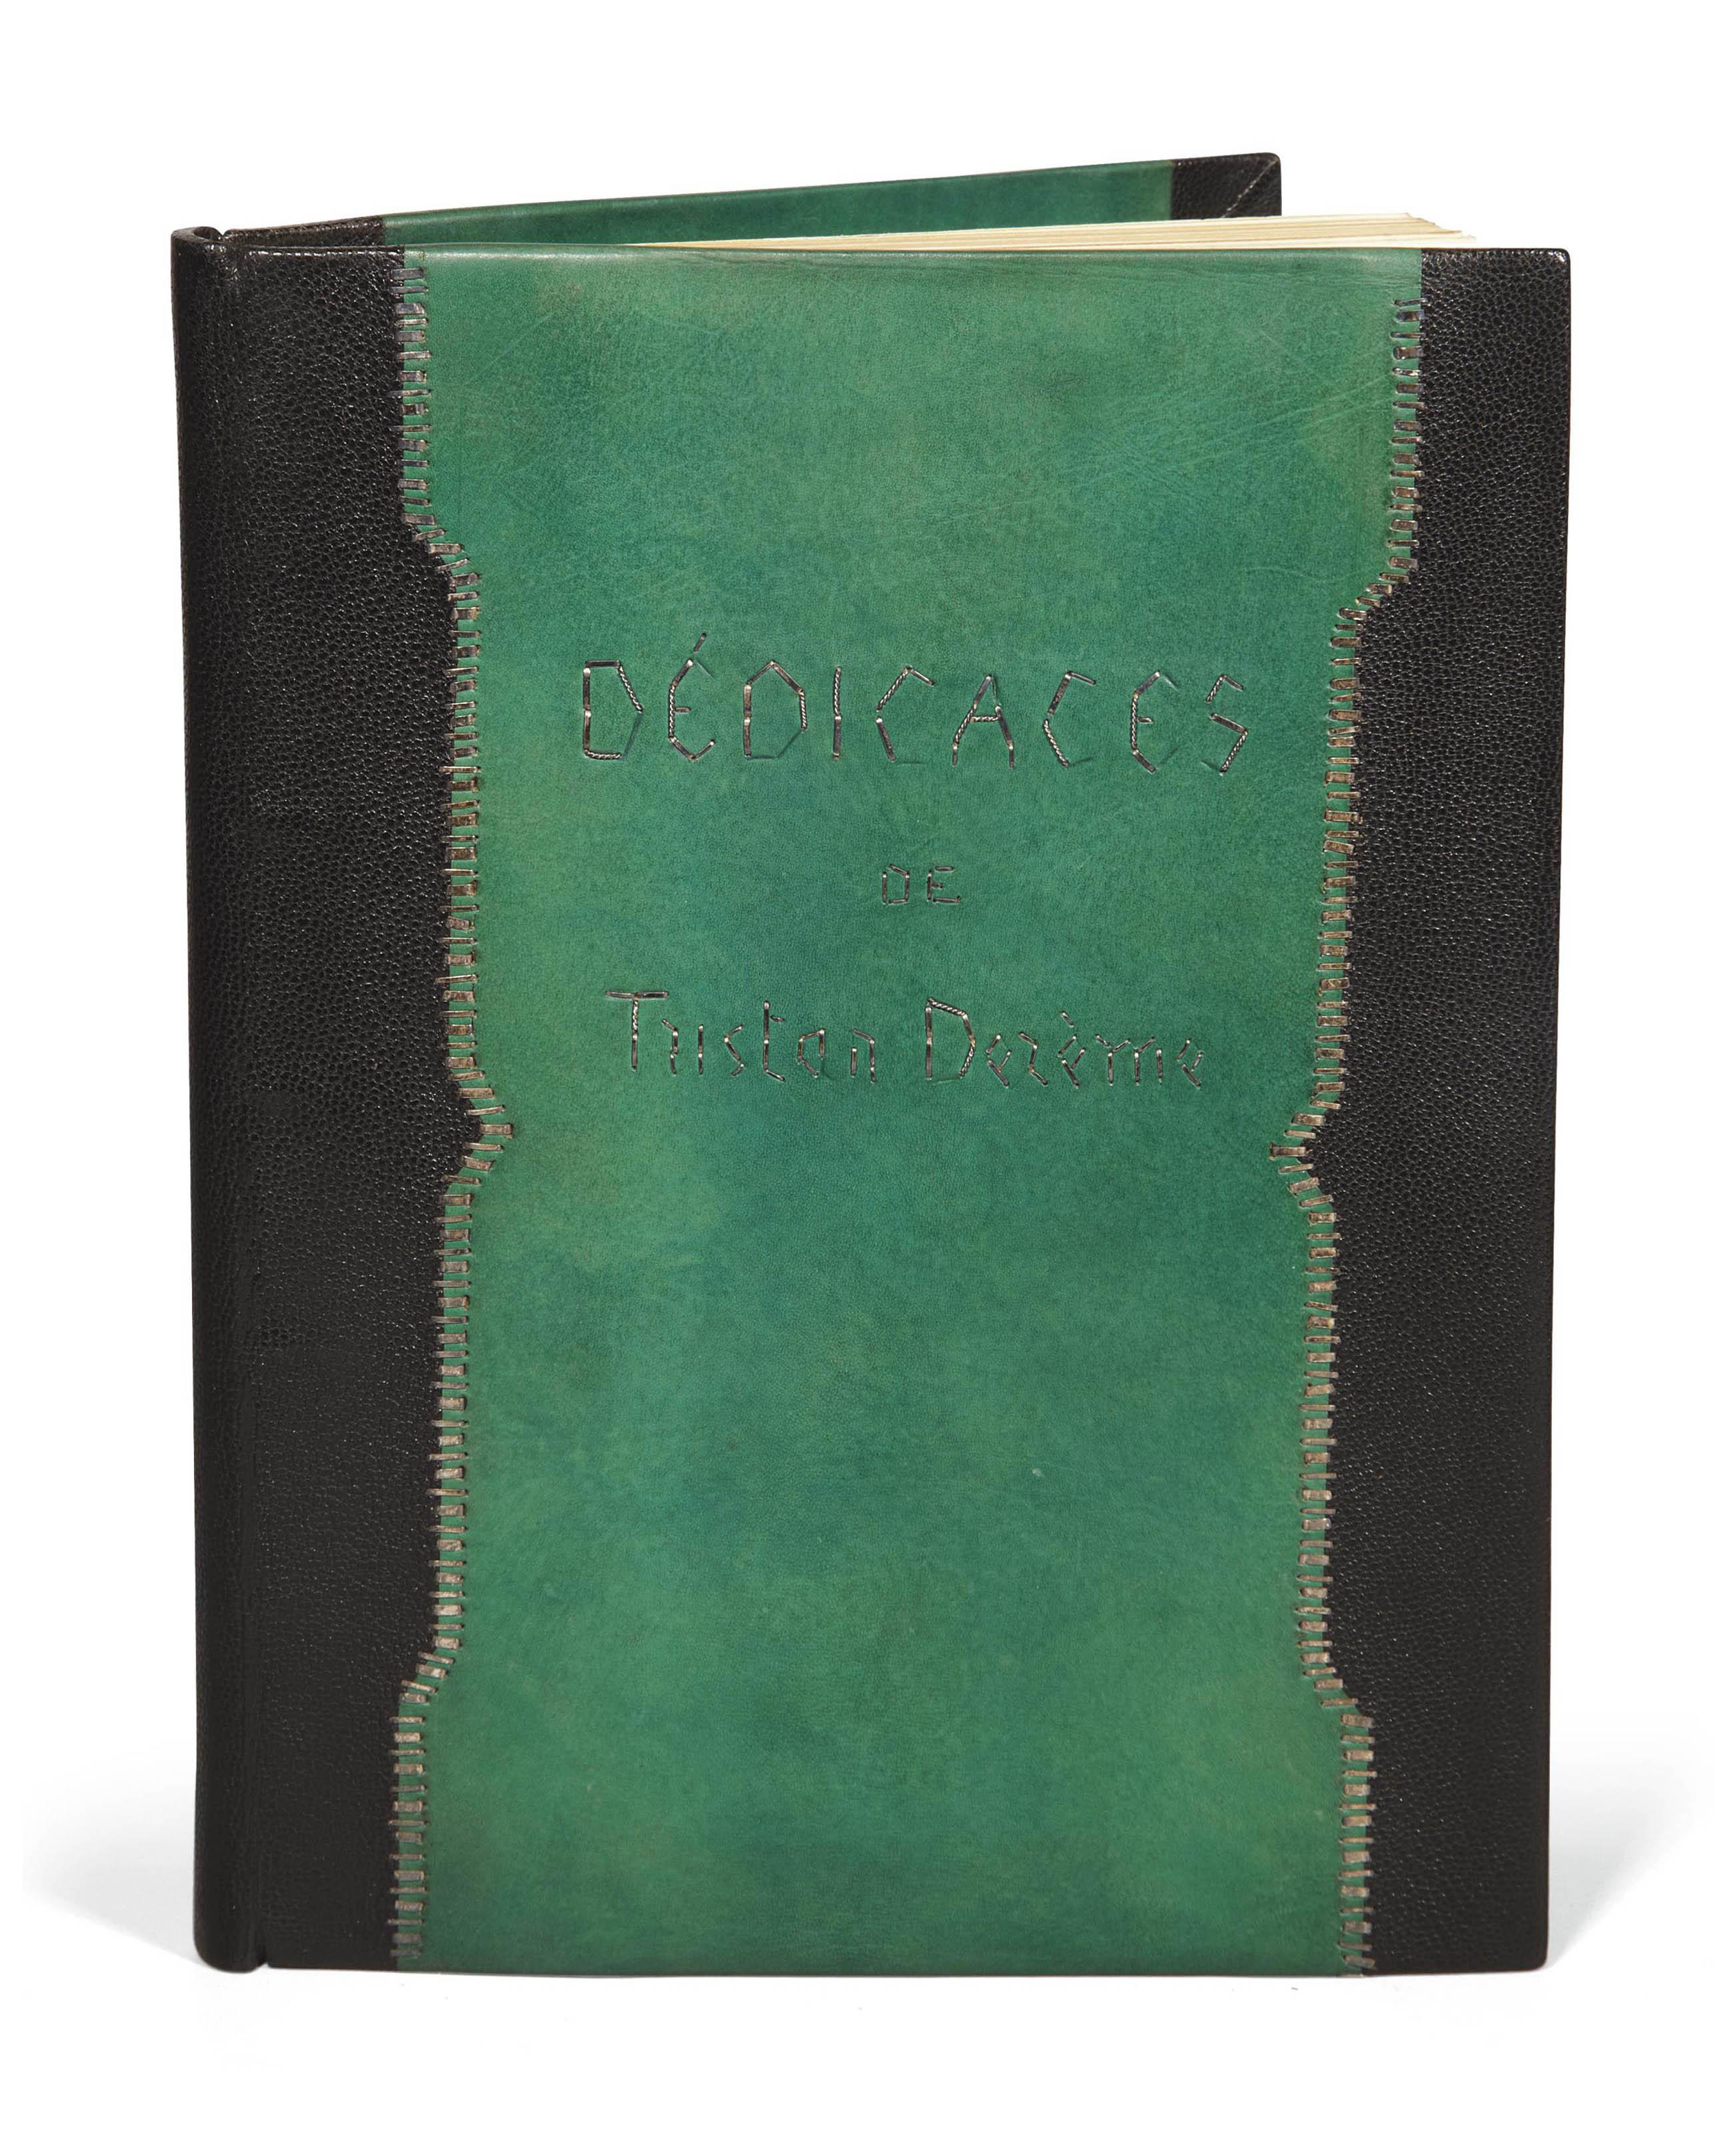 [LABOUREUR] -- DERÈME, Tristan (1889-1941). Dédicaces. Petit volume publié à l'occasion de la vente d'un amateur du village de Passy. Paris: Frazier-Soye pour Georges Andrieux, 1928.